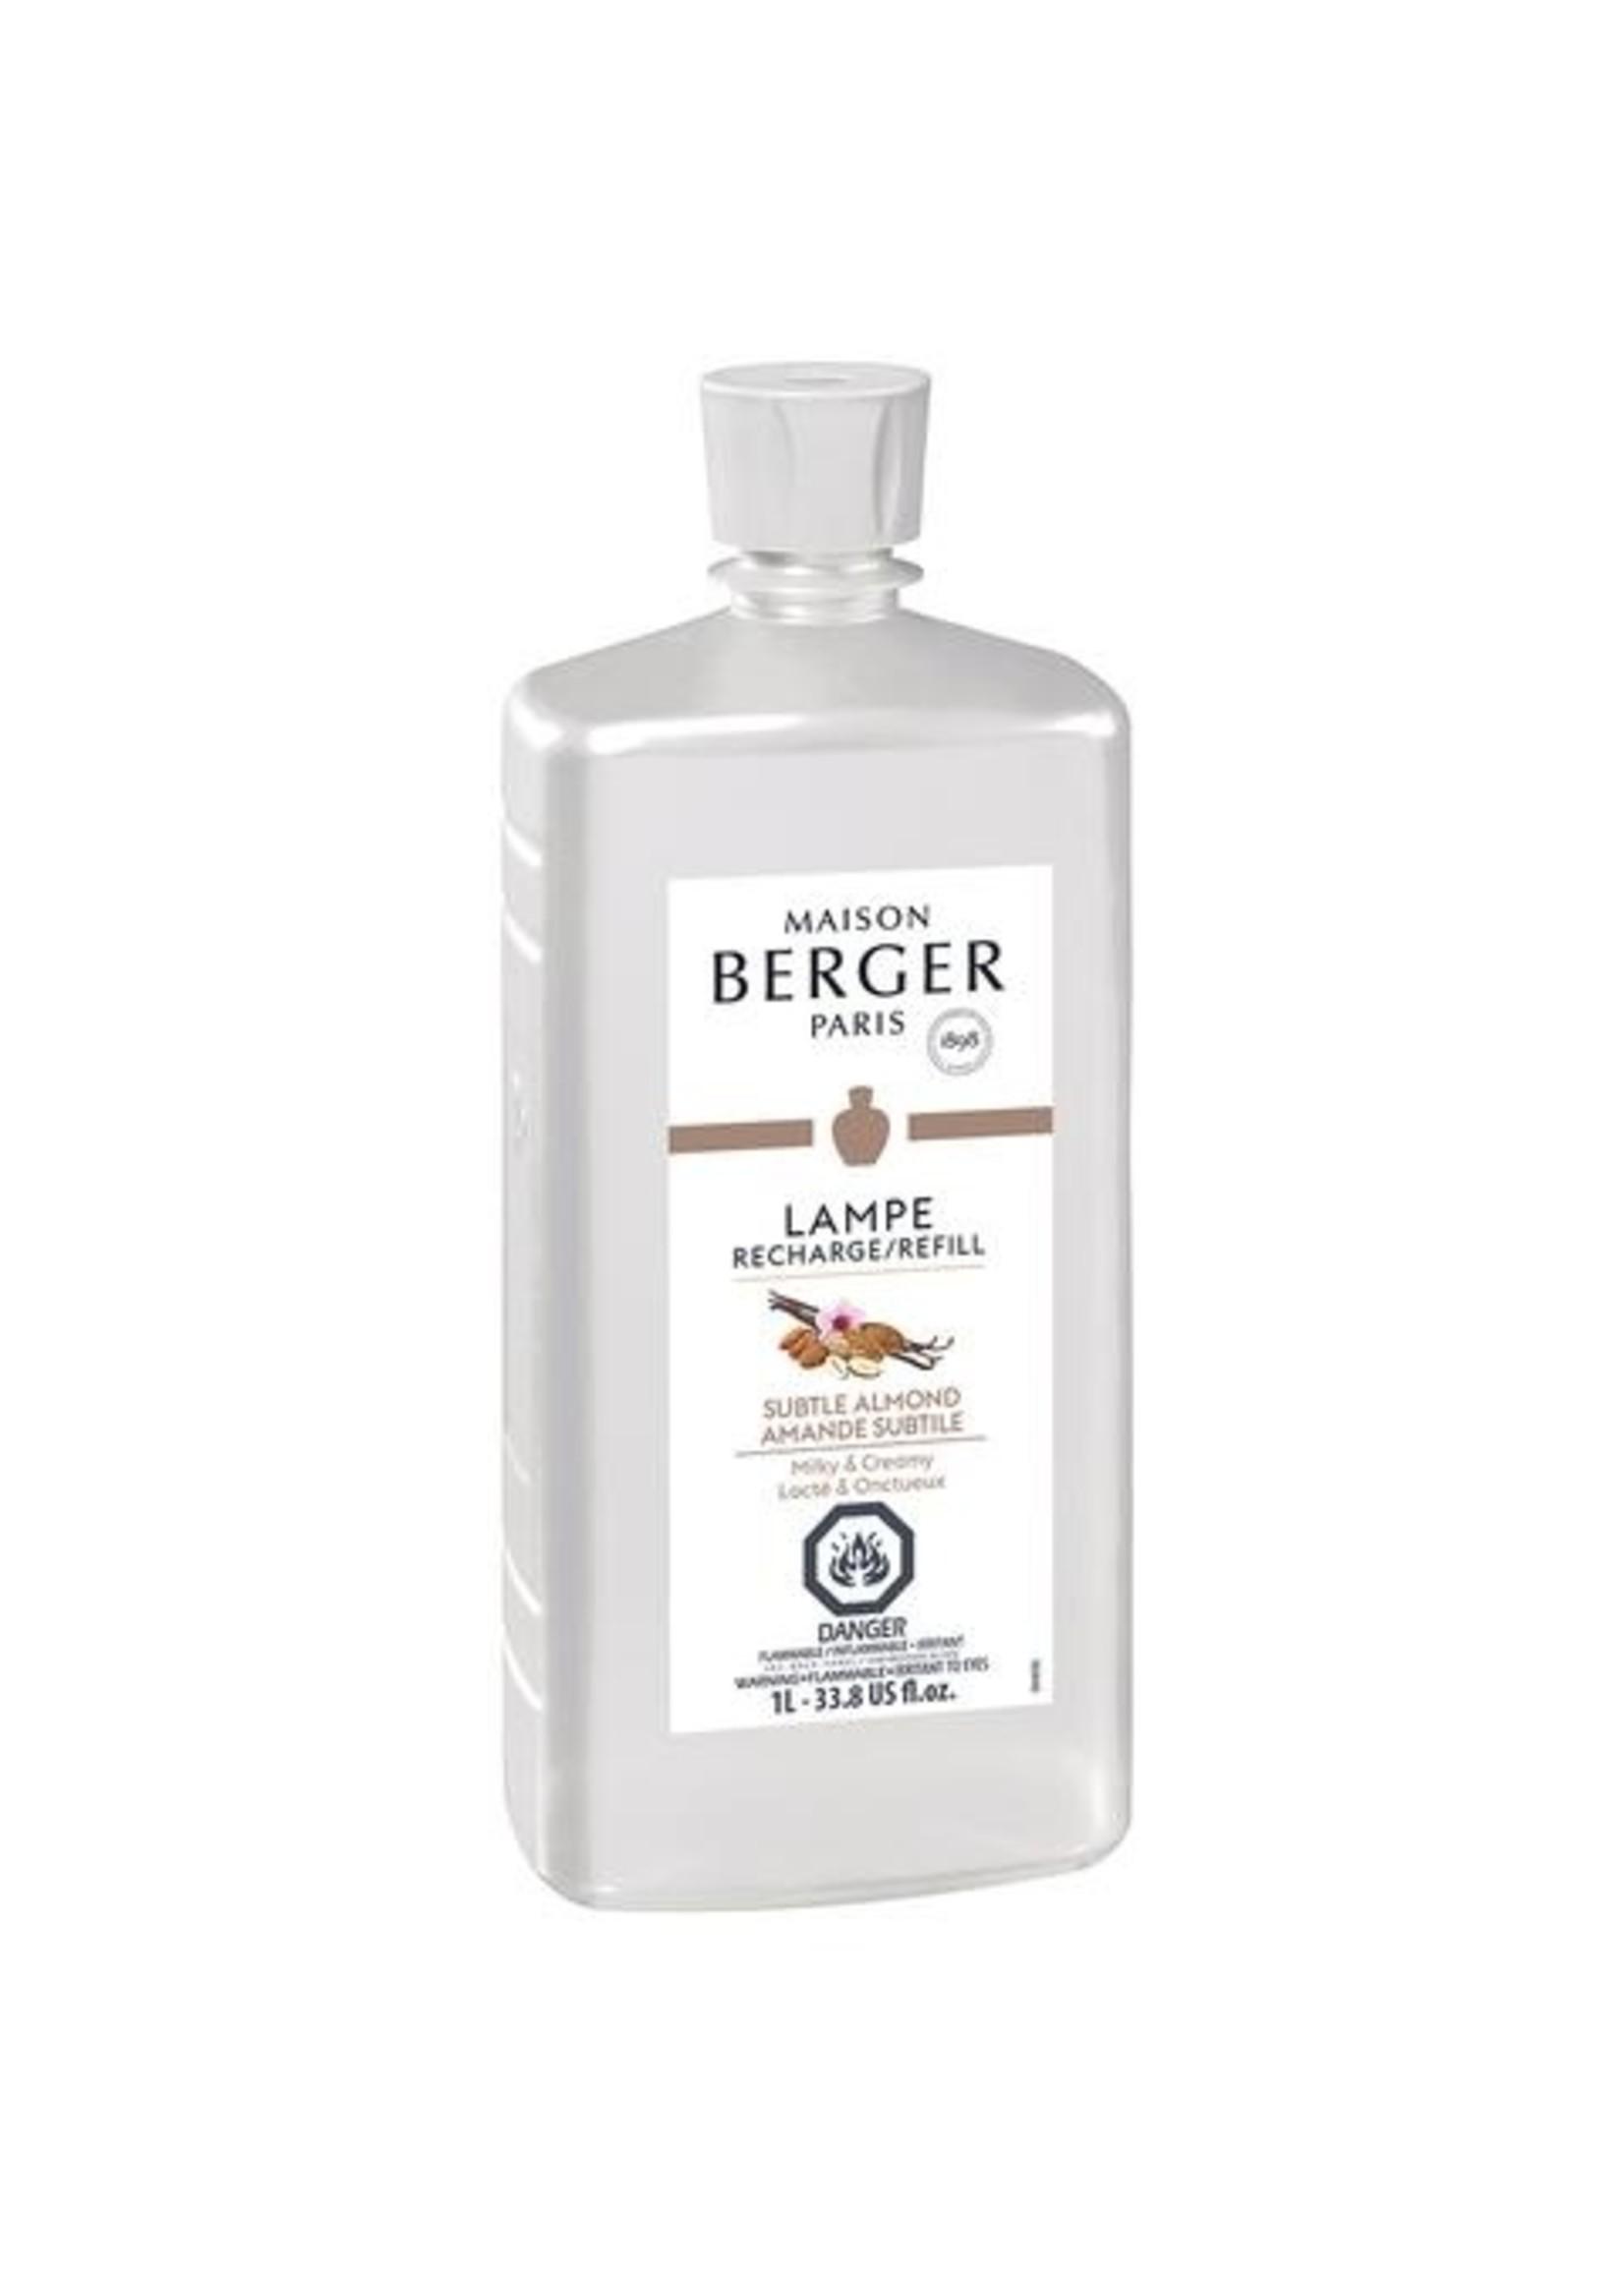 Maison Berger Subtle Almond